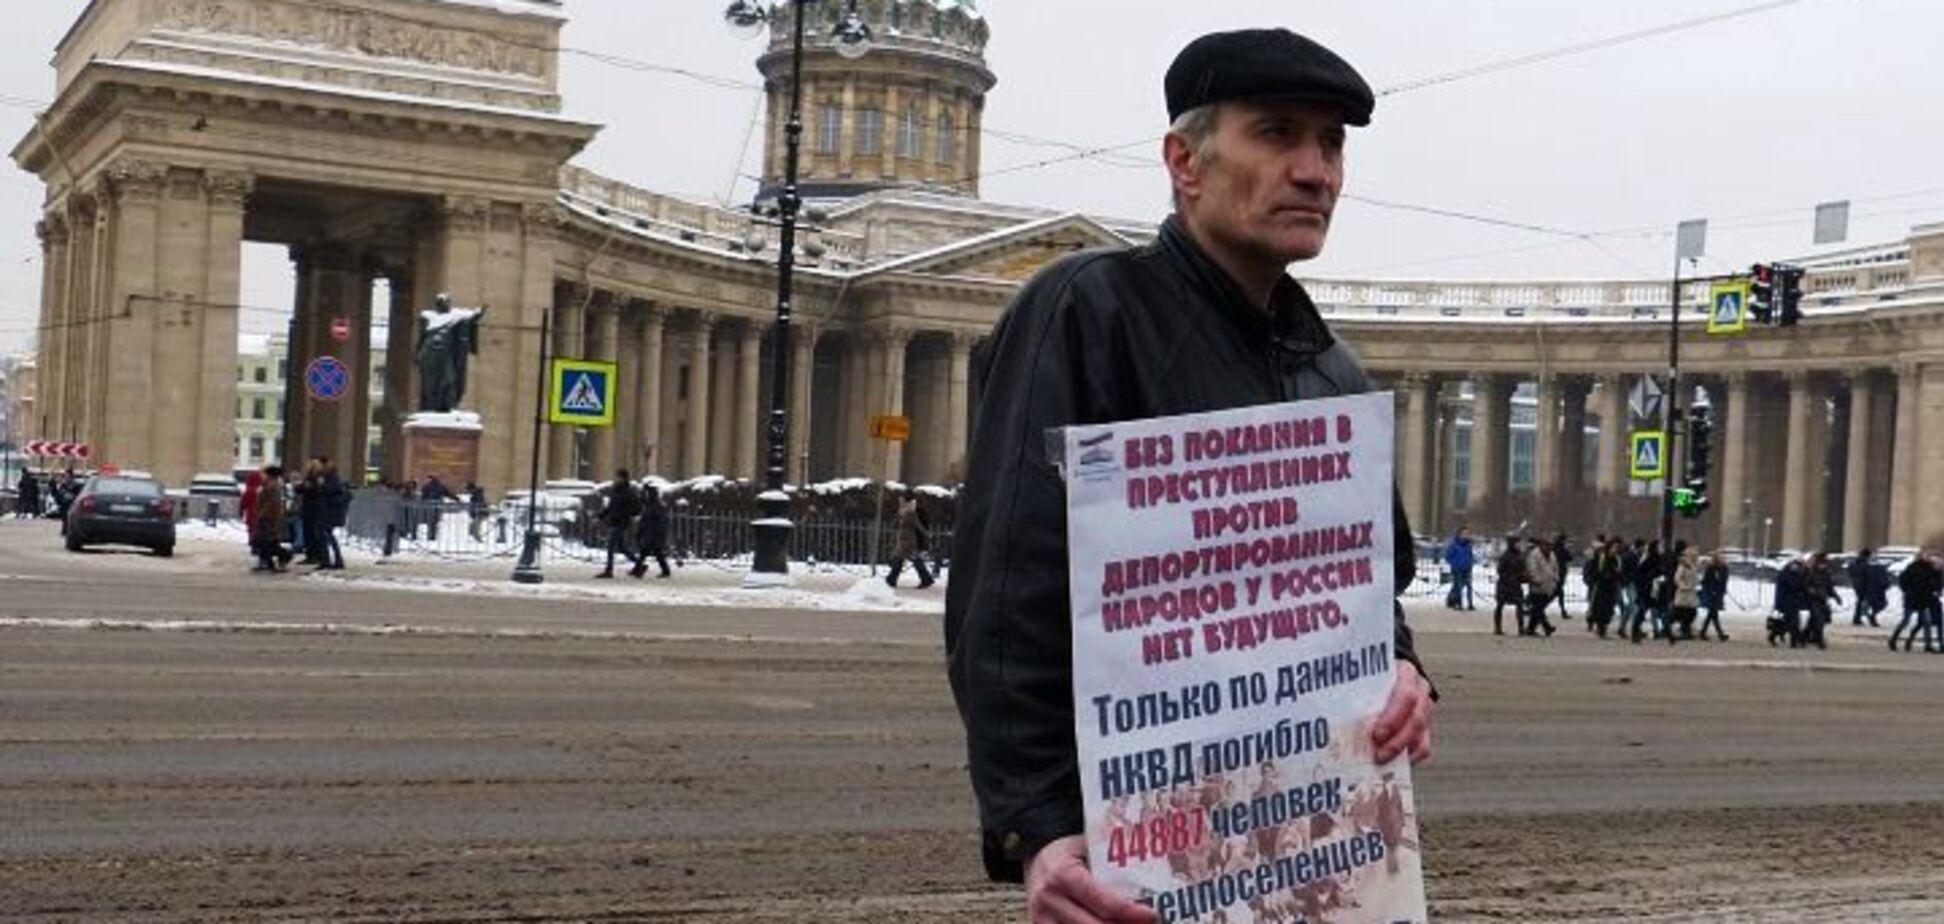 'Стріляючи в Україну і Сирію, ви вбиваєте Росію': у Москві та Санкт-Петербурзі пройшли пікети на підтримку кримських татар